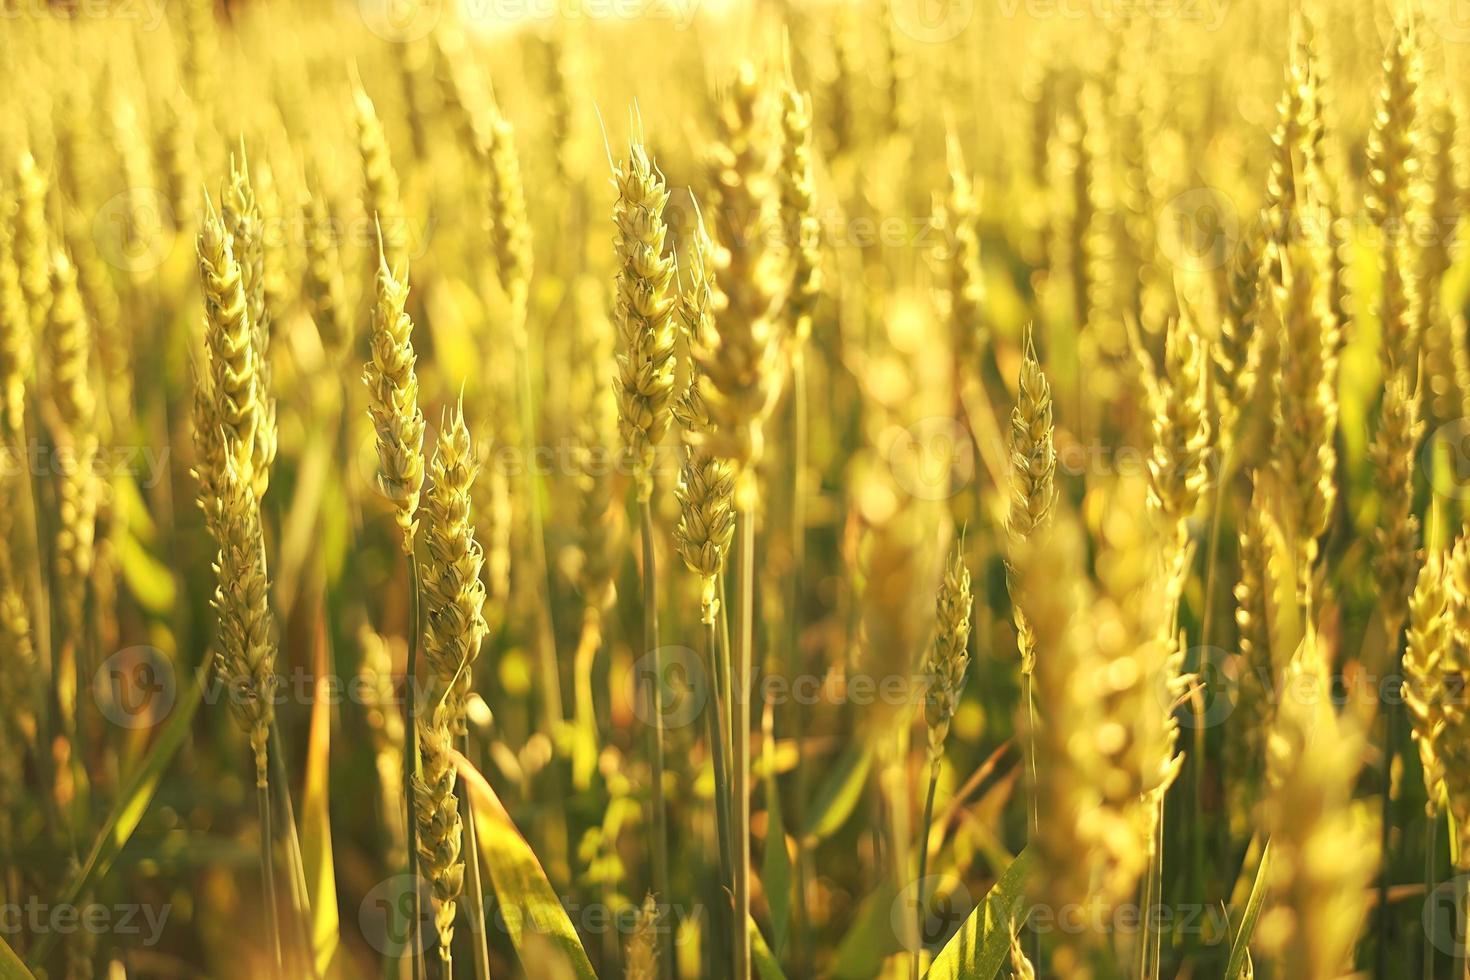 champ de blé au soleil. photo